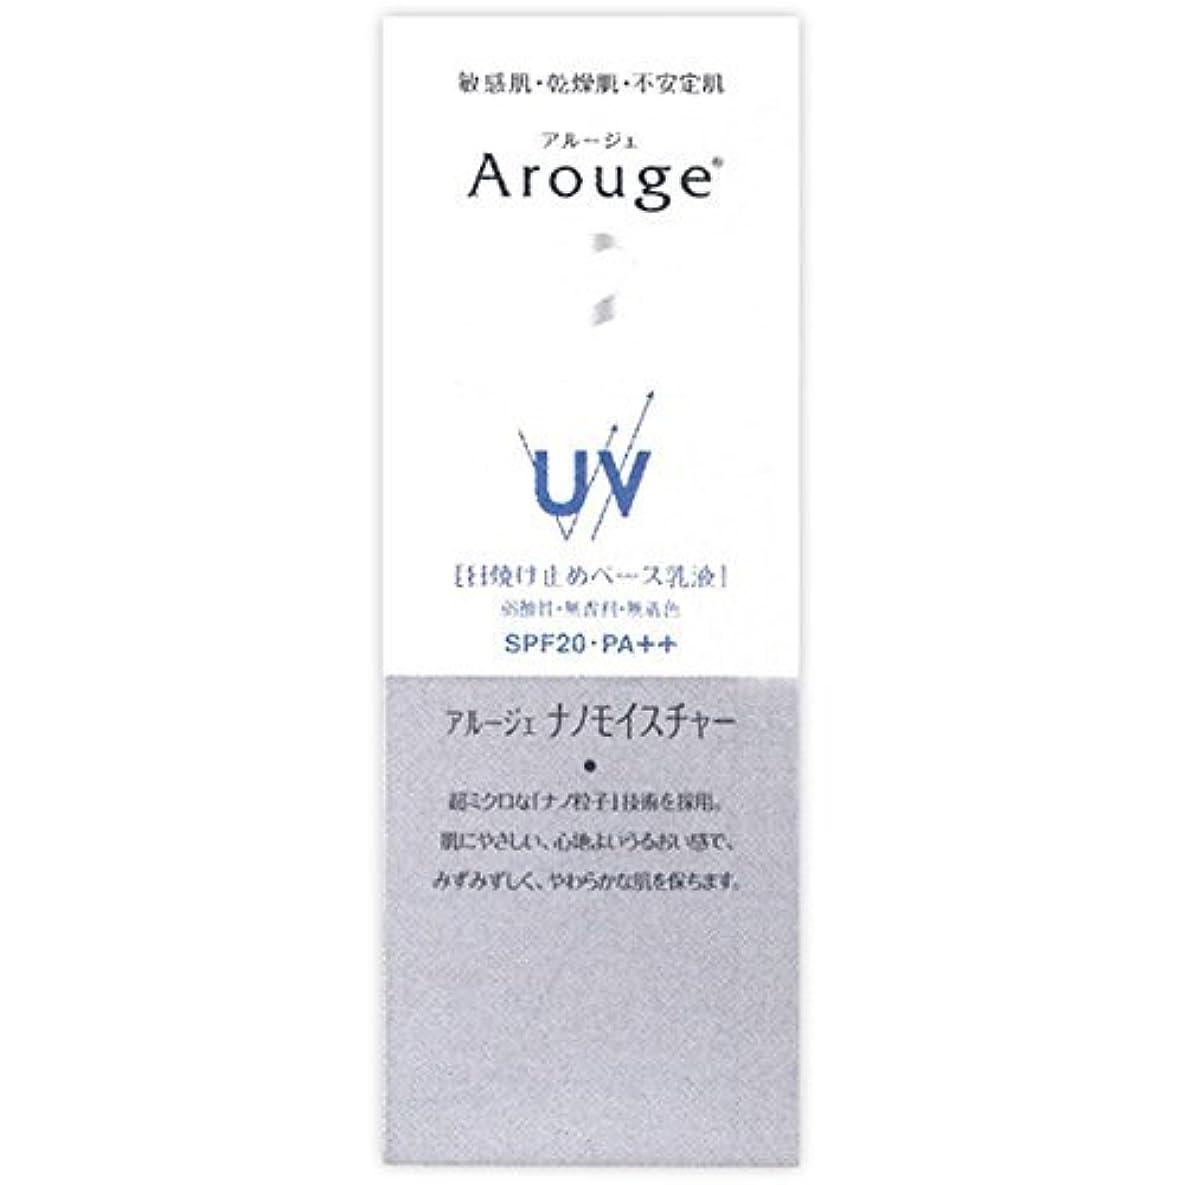 かすかなメンター郊外アルージェ UV モイストビューティーアップ日焼け止めベース乳液25g (SPF20?PA++)